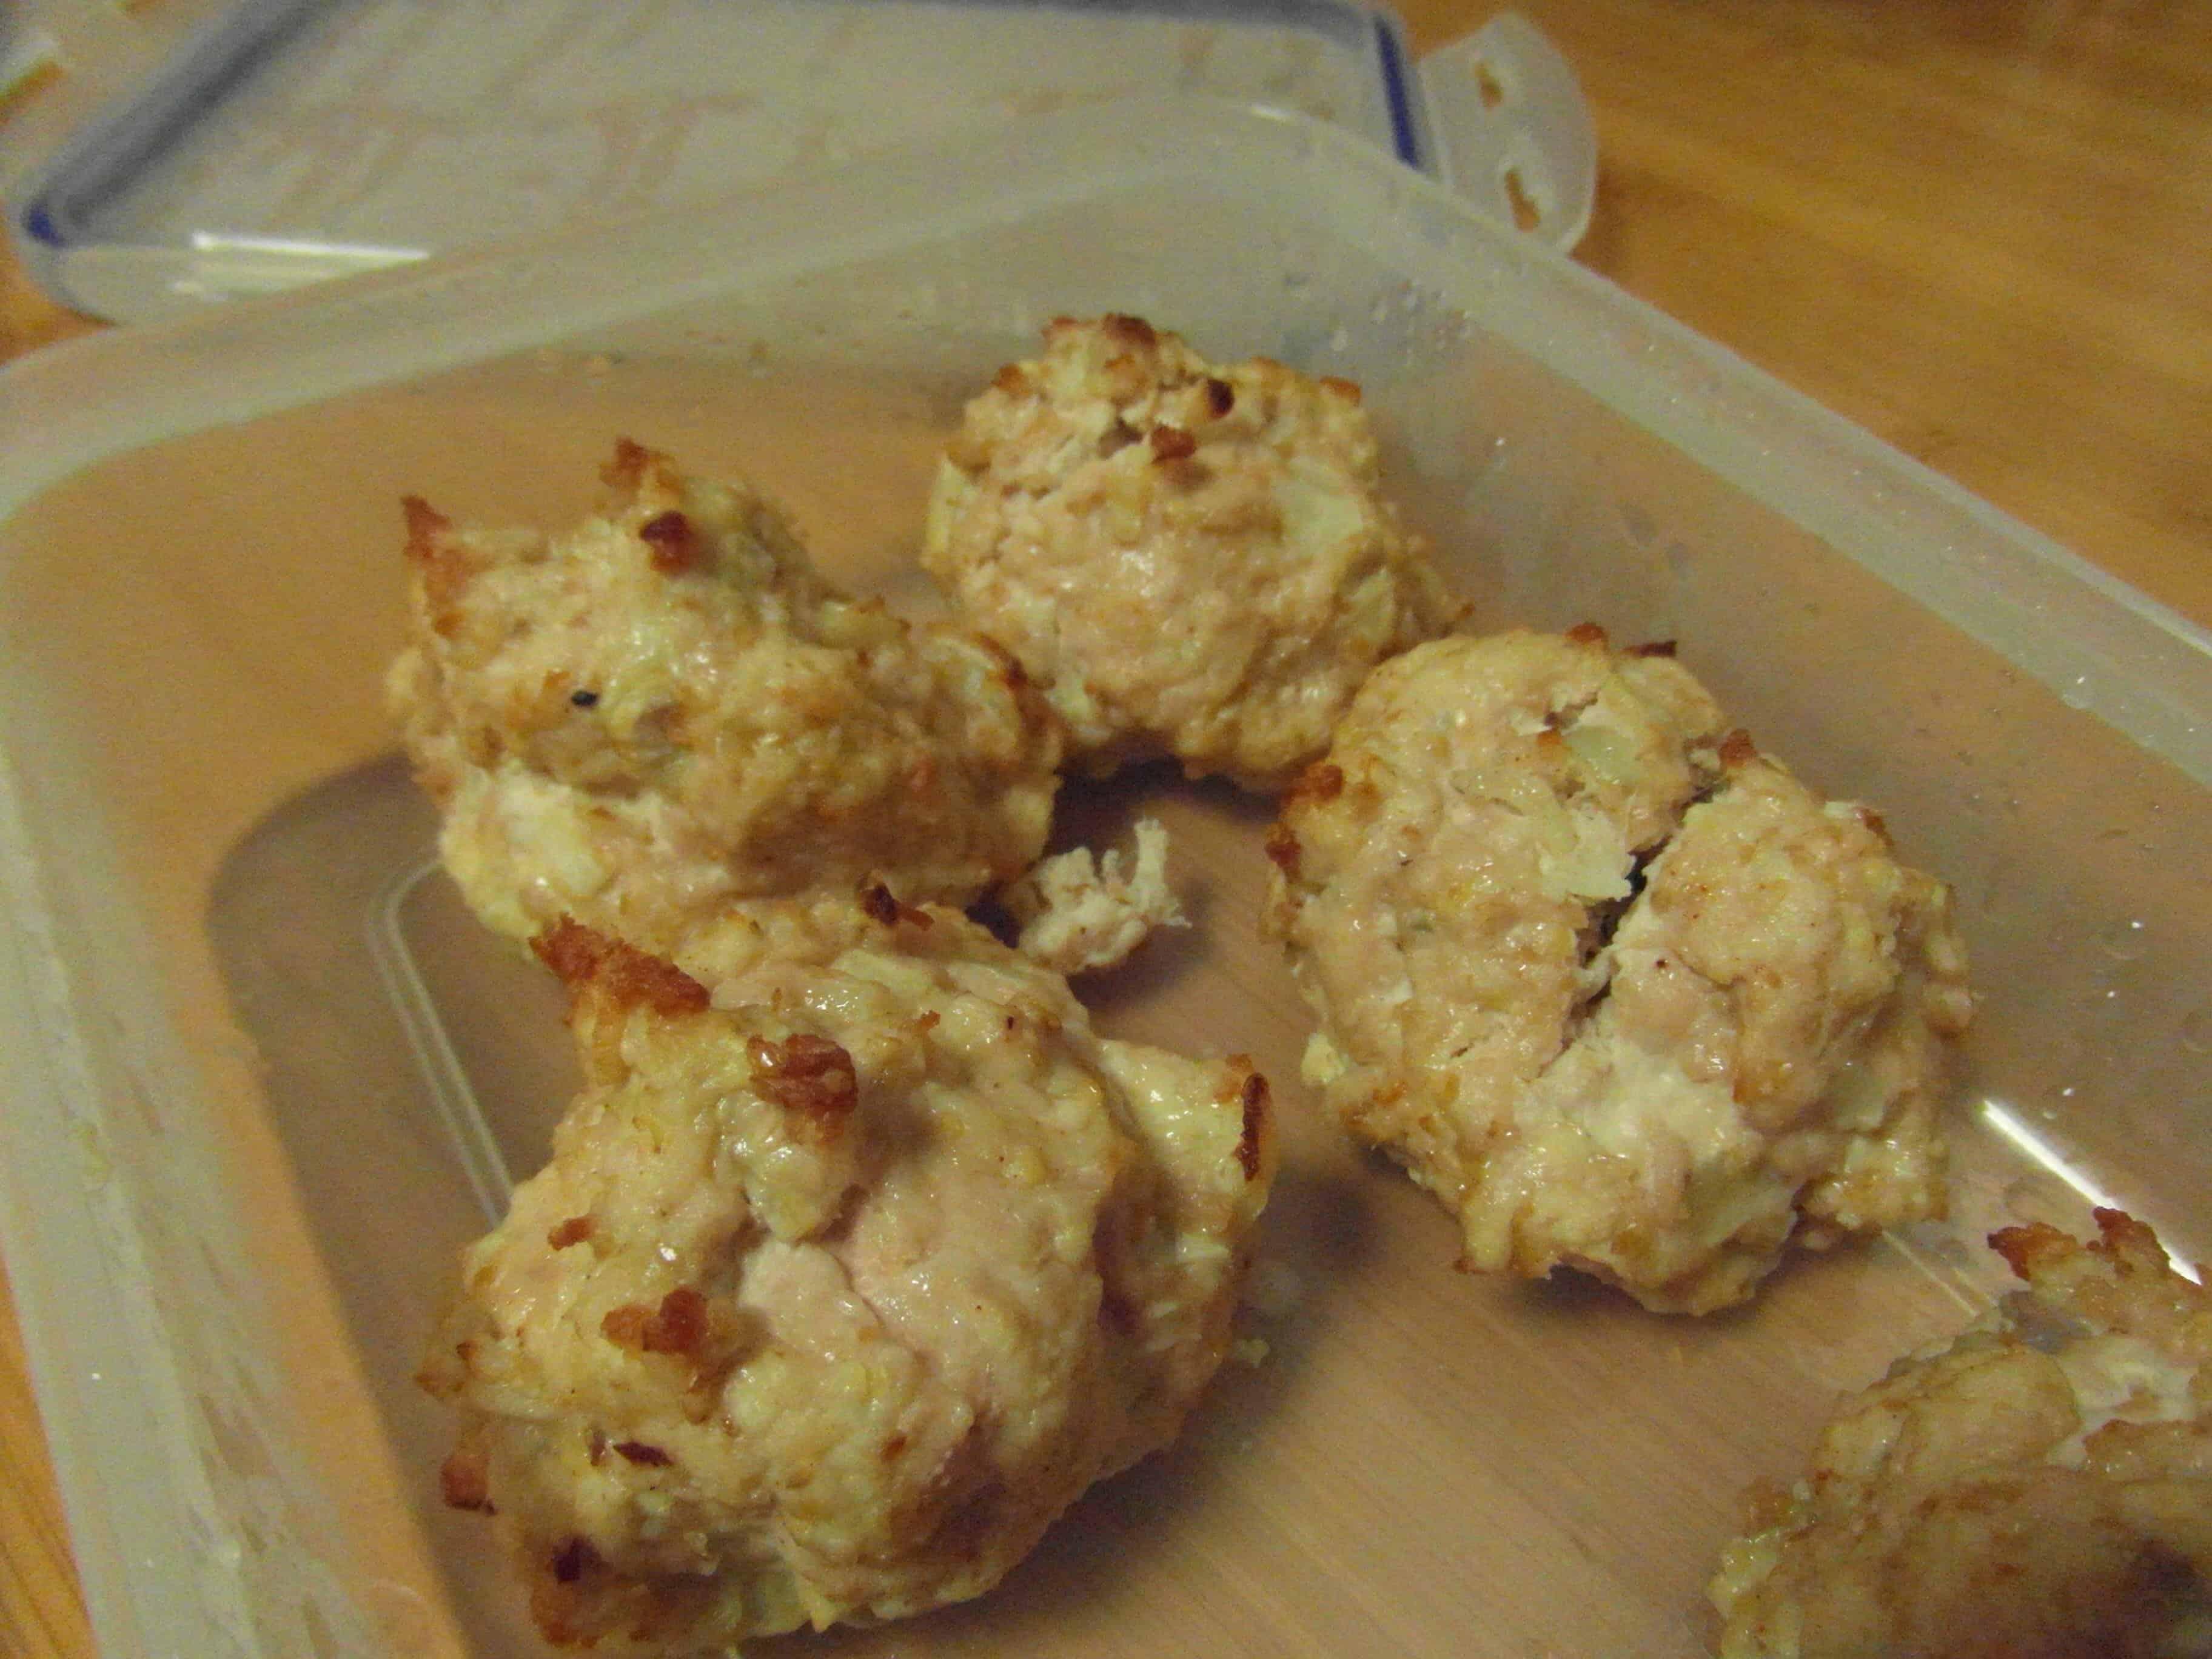 Meatballs for breakfast...interesting!